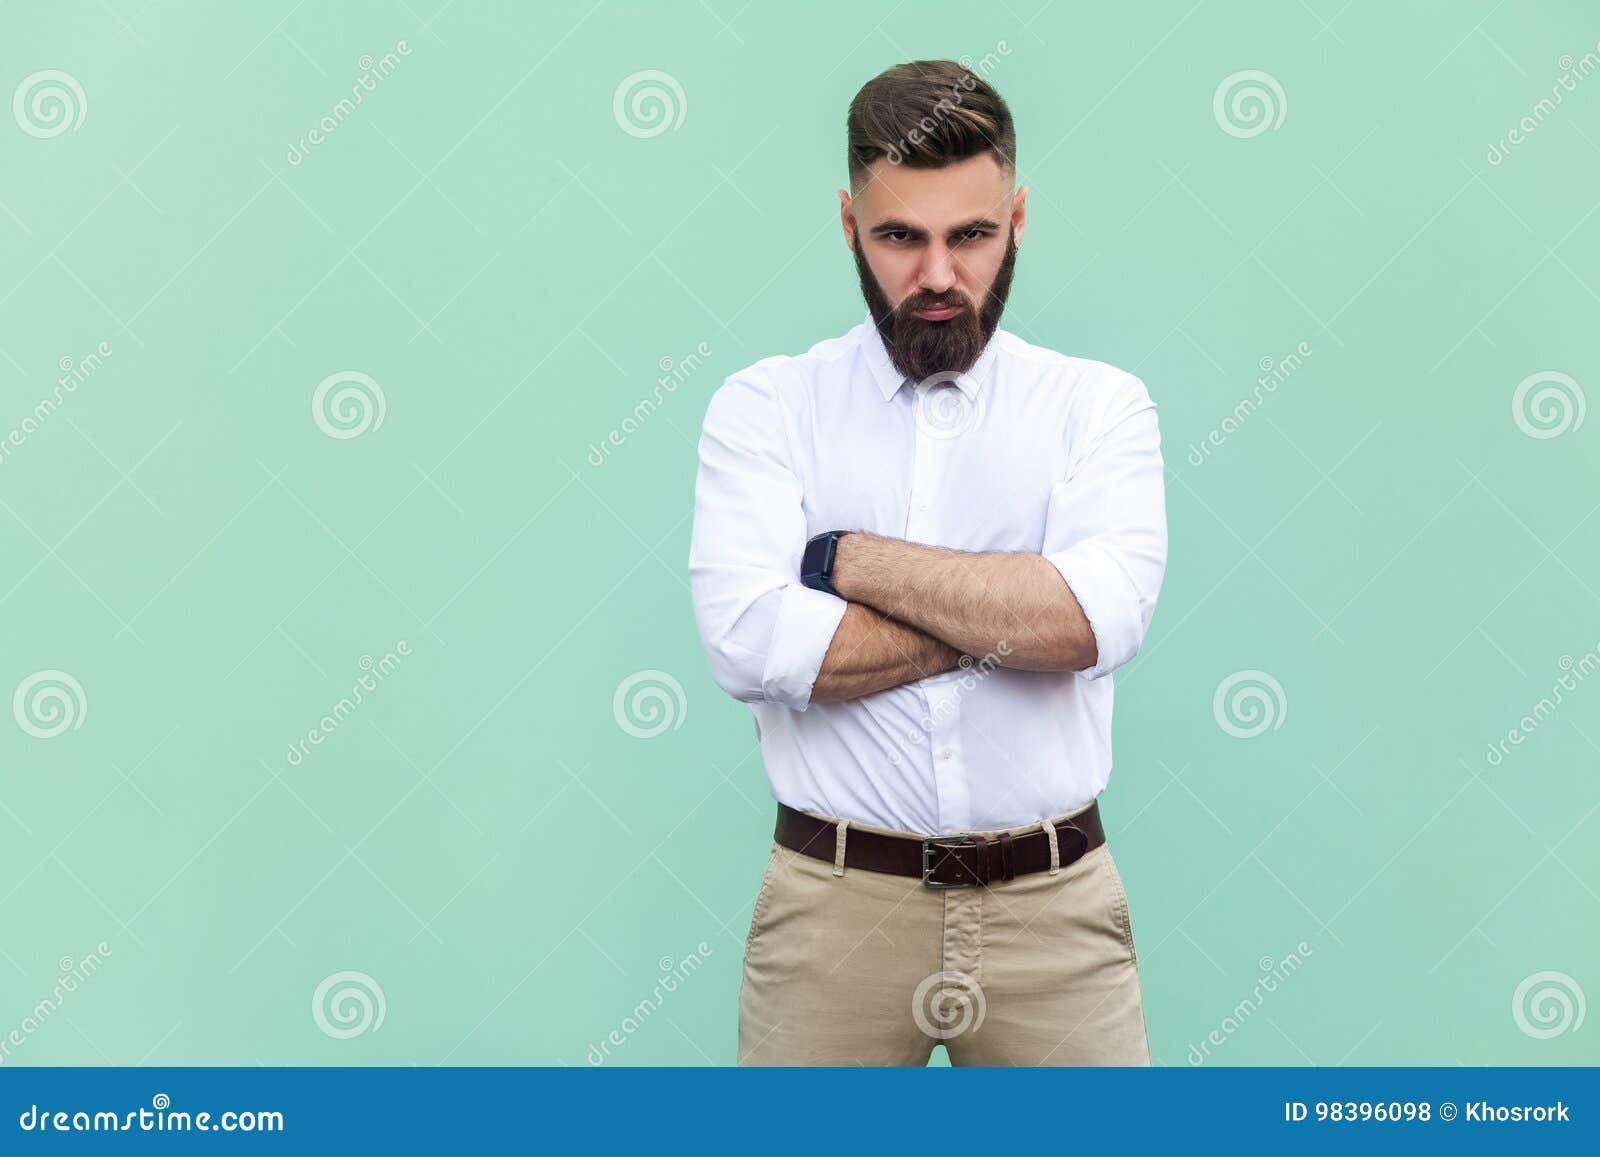 Homme irrité, avec des bras pliés, au-dessus du fond vert clair dans le tir de studio